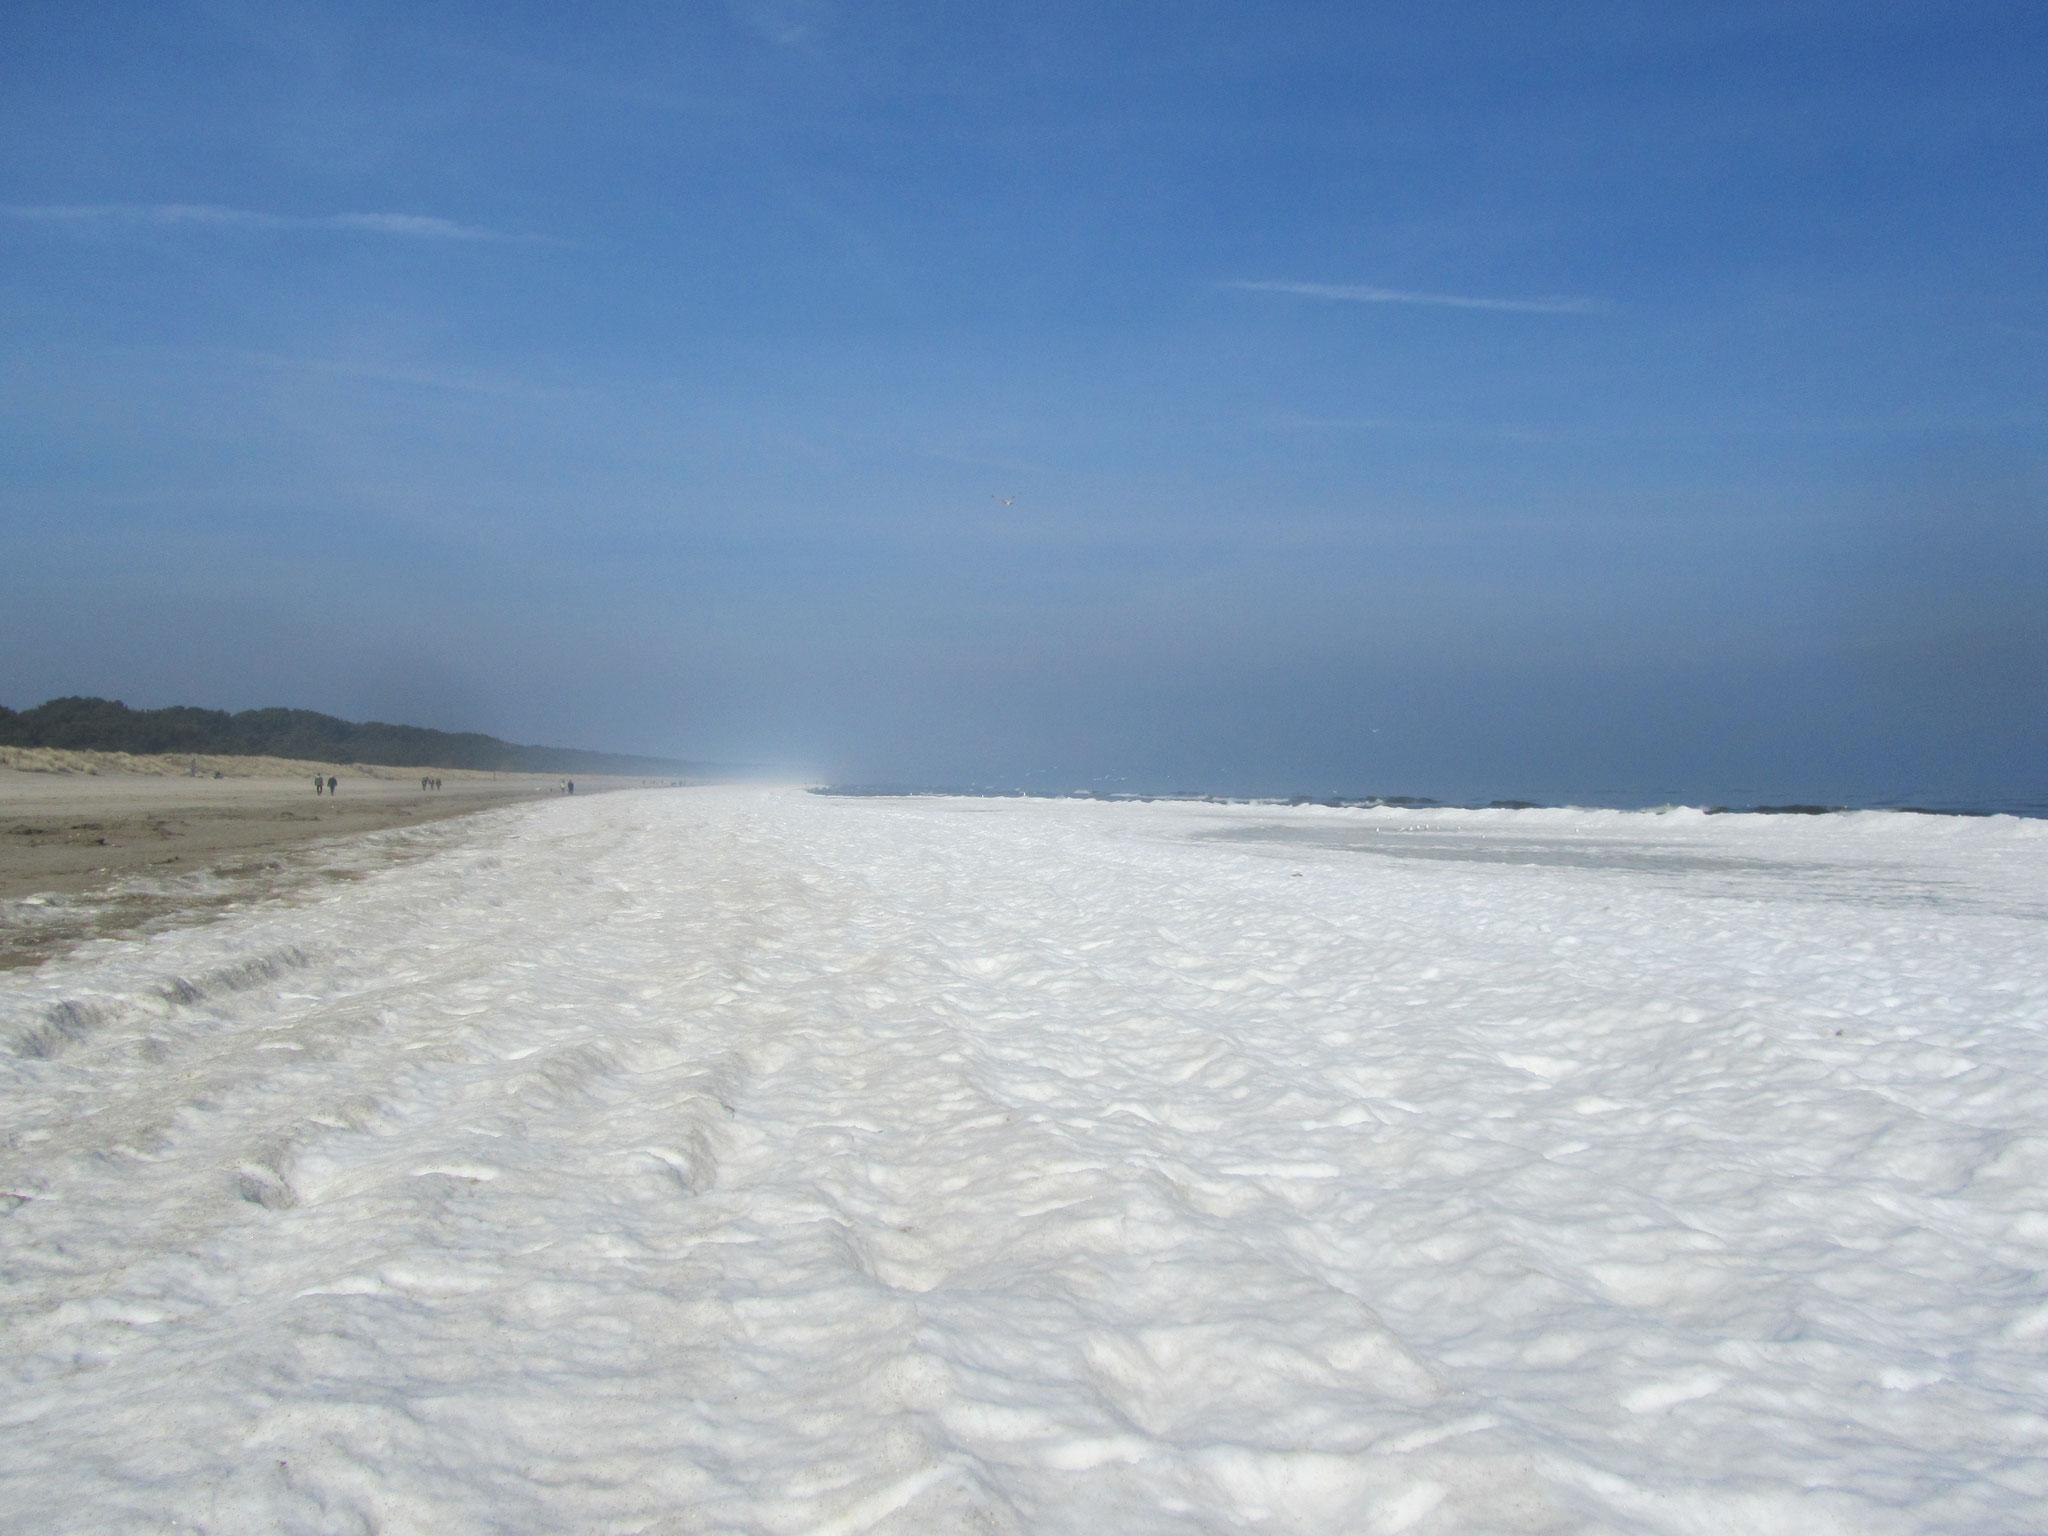 Schnee am Strand an der Ostsee